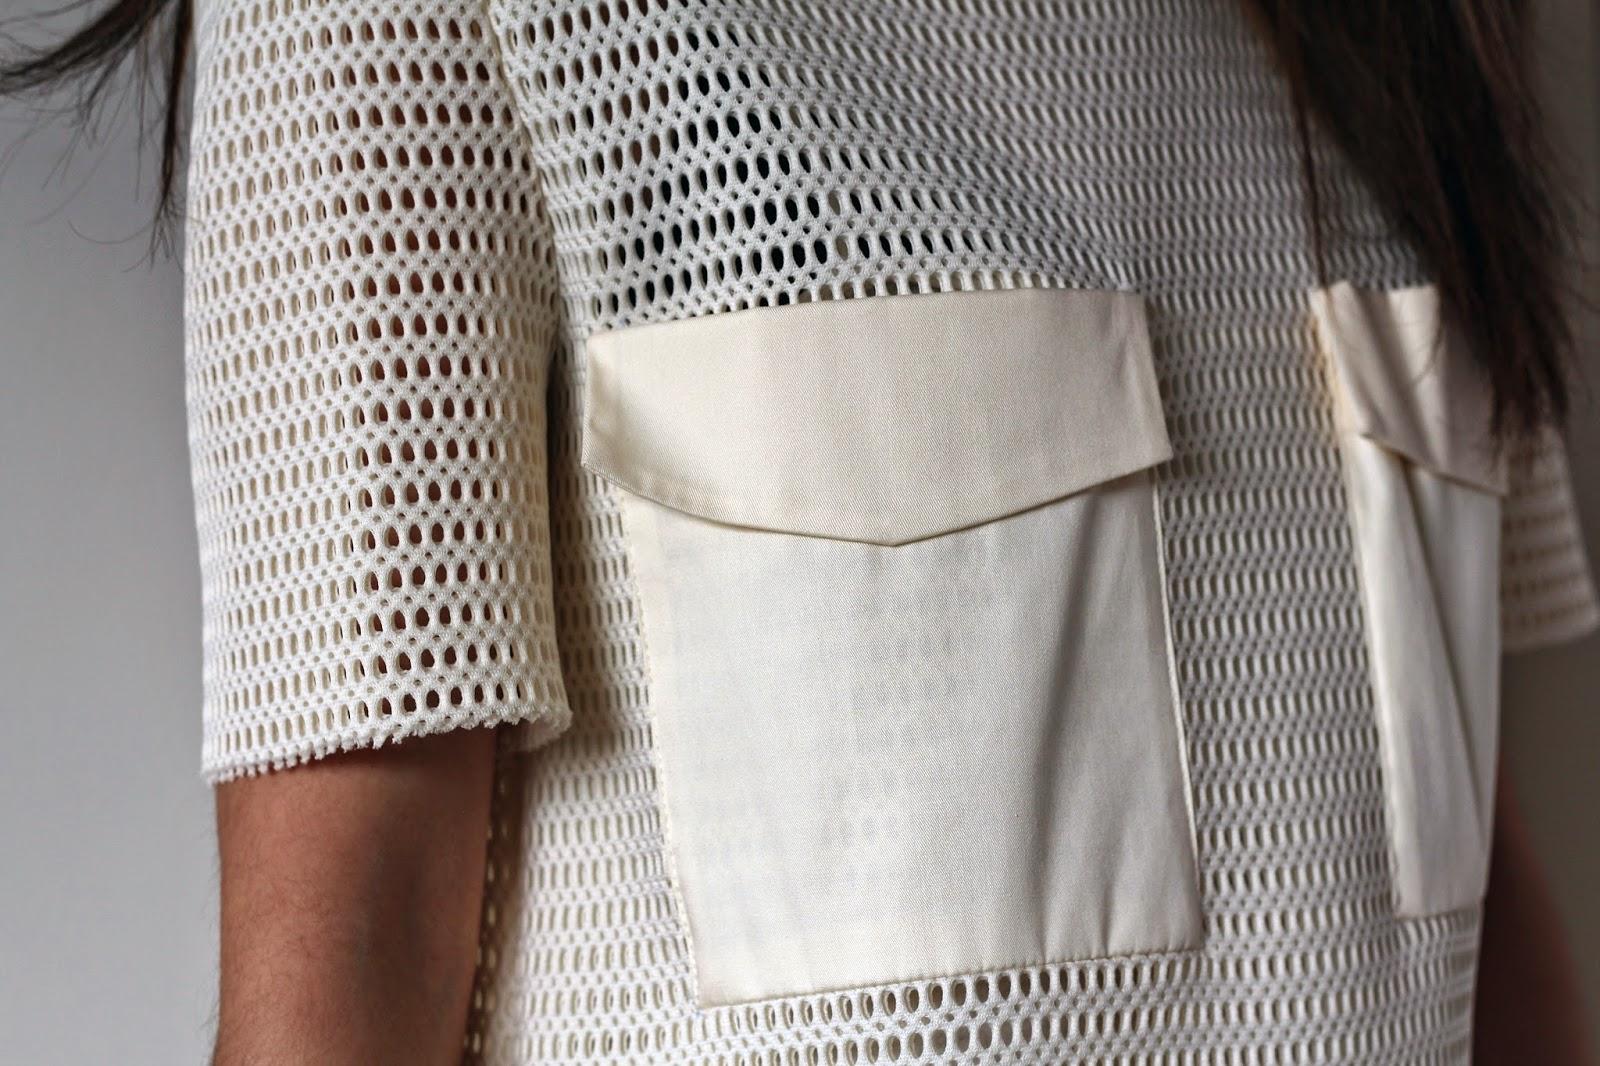 Zara Studio Dress With Pockets